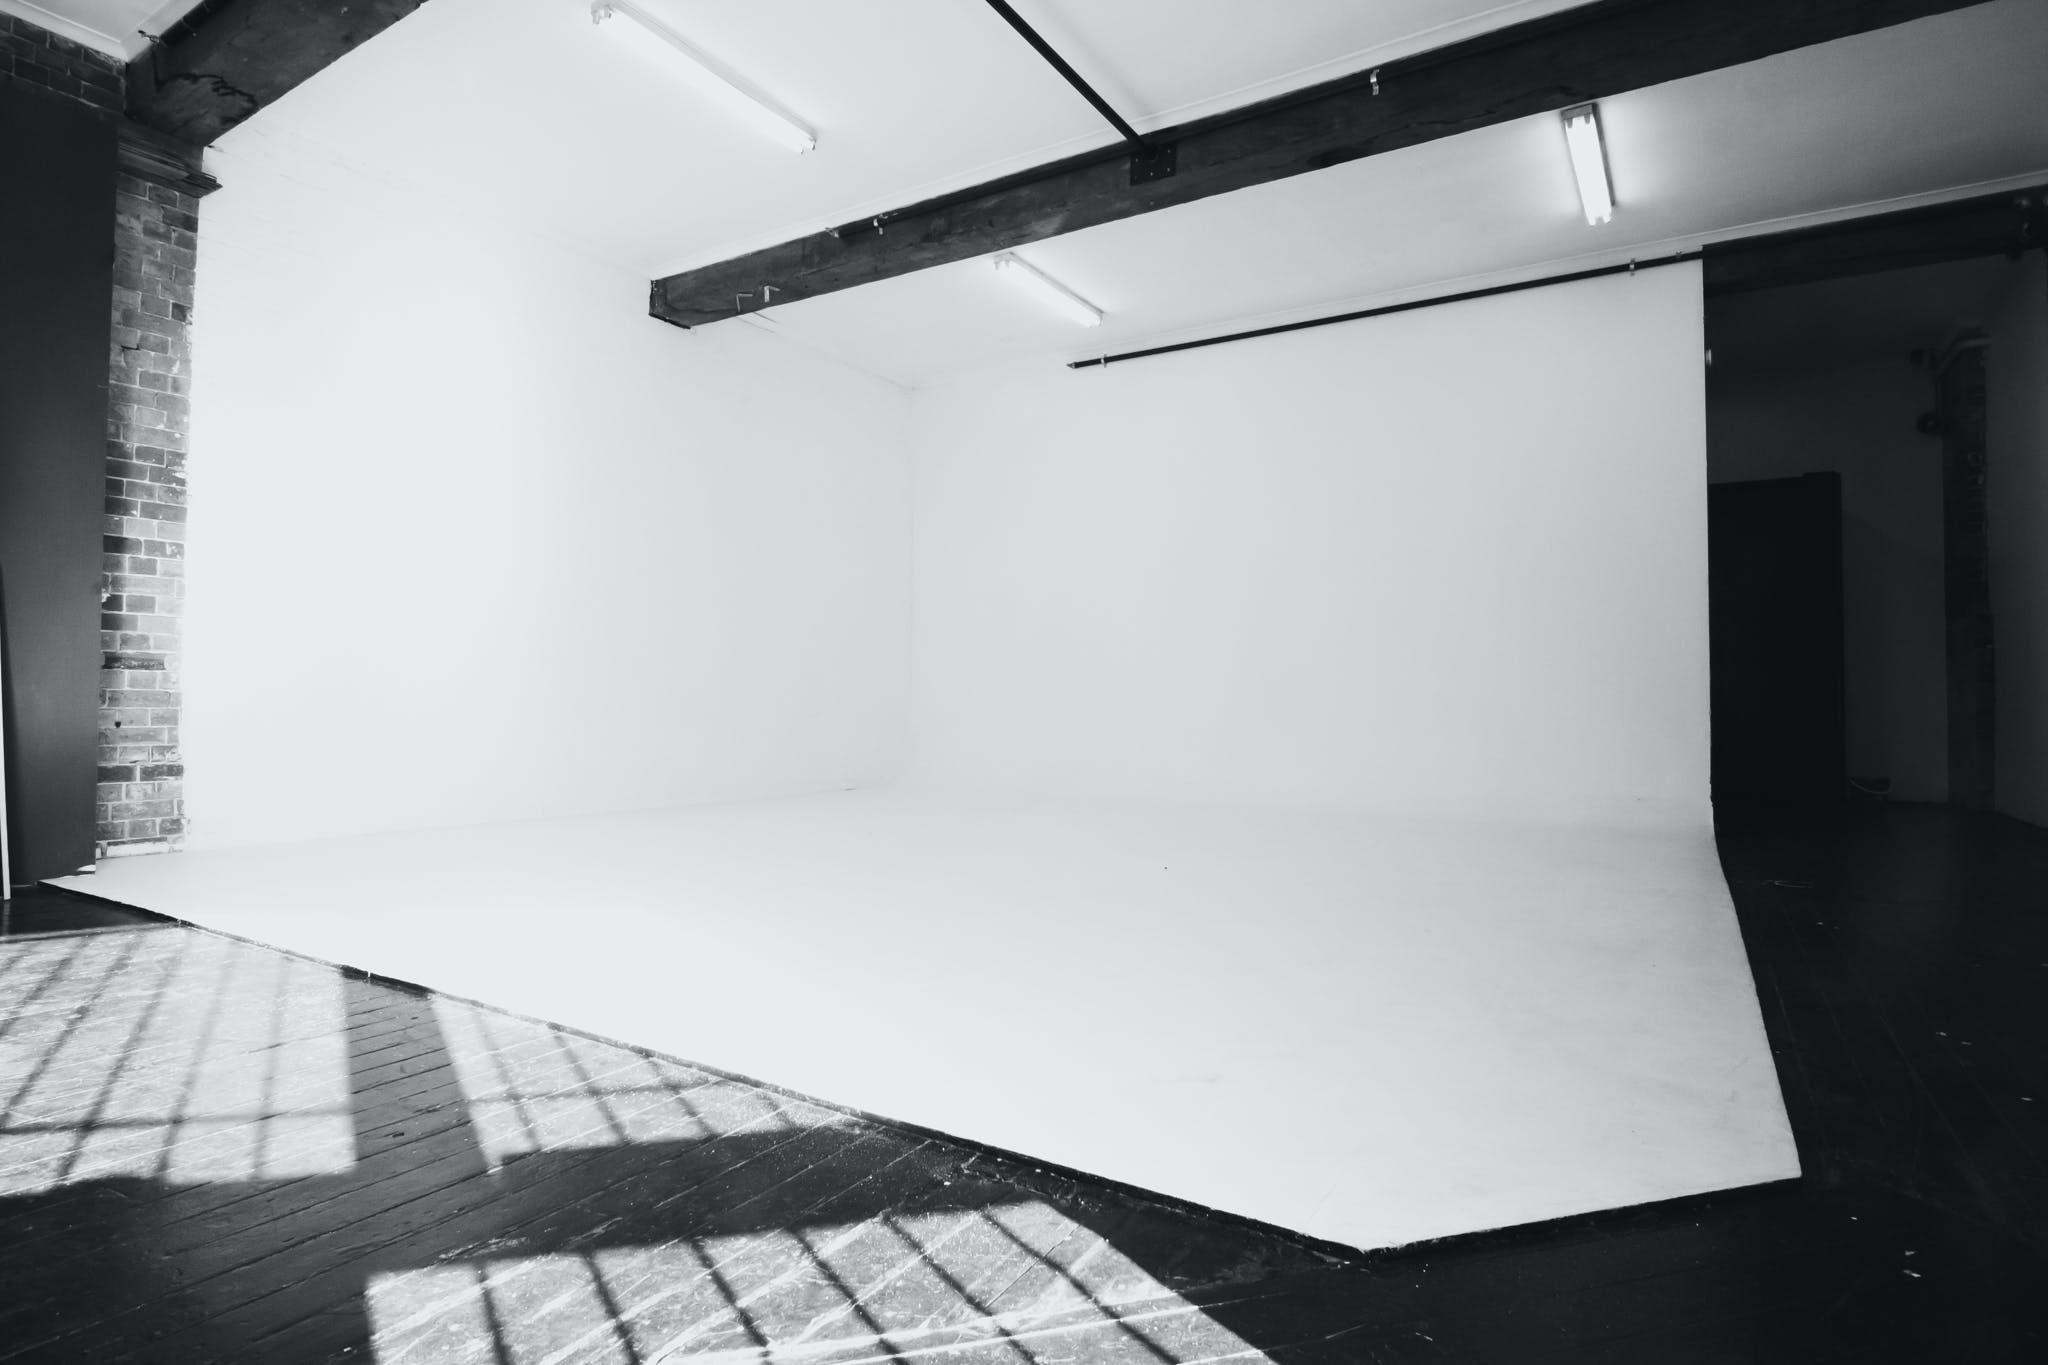 Photography Studio, creative studio at Black Door Studio, image 2